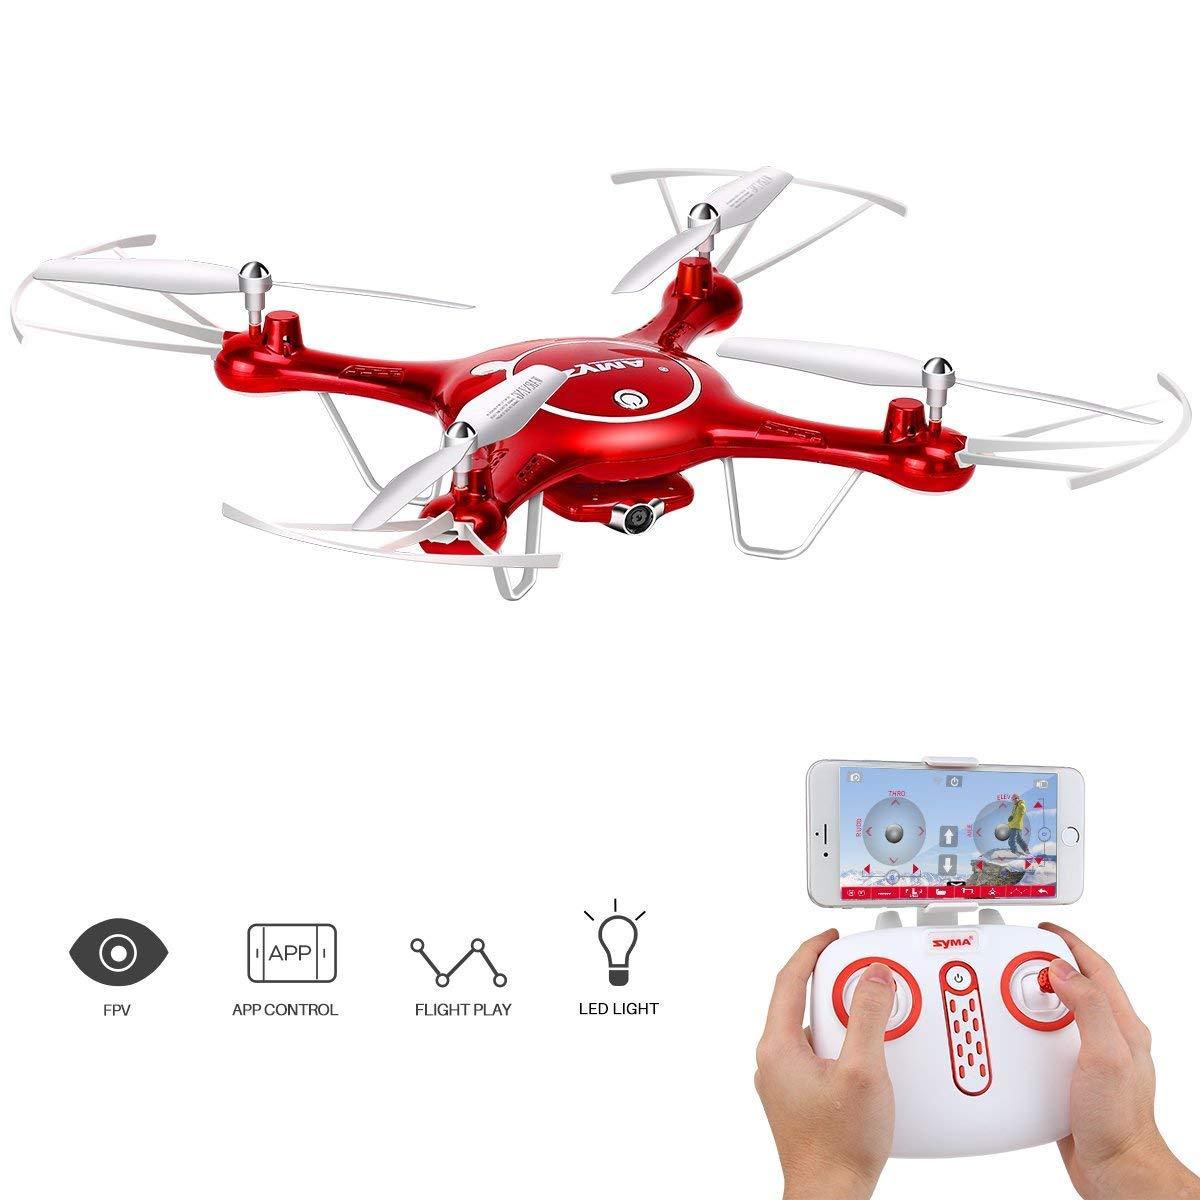 Todo en alta calidad y bajo precio. XJ0526 Dron con 720P HD Cámara, X5UW X5UW X5UW WiFi FPV RC Quadcopter Headless Al Aire Libre, Batería De Bono 2.4 G 6 Ejes Gyro (Rojo)  mas barato